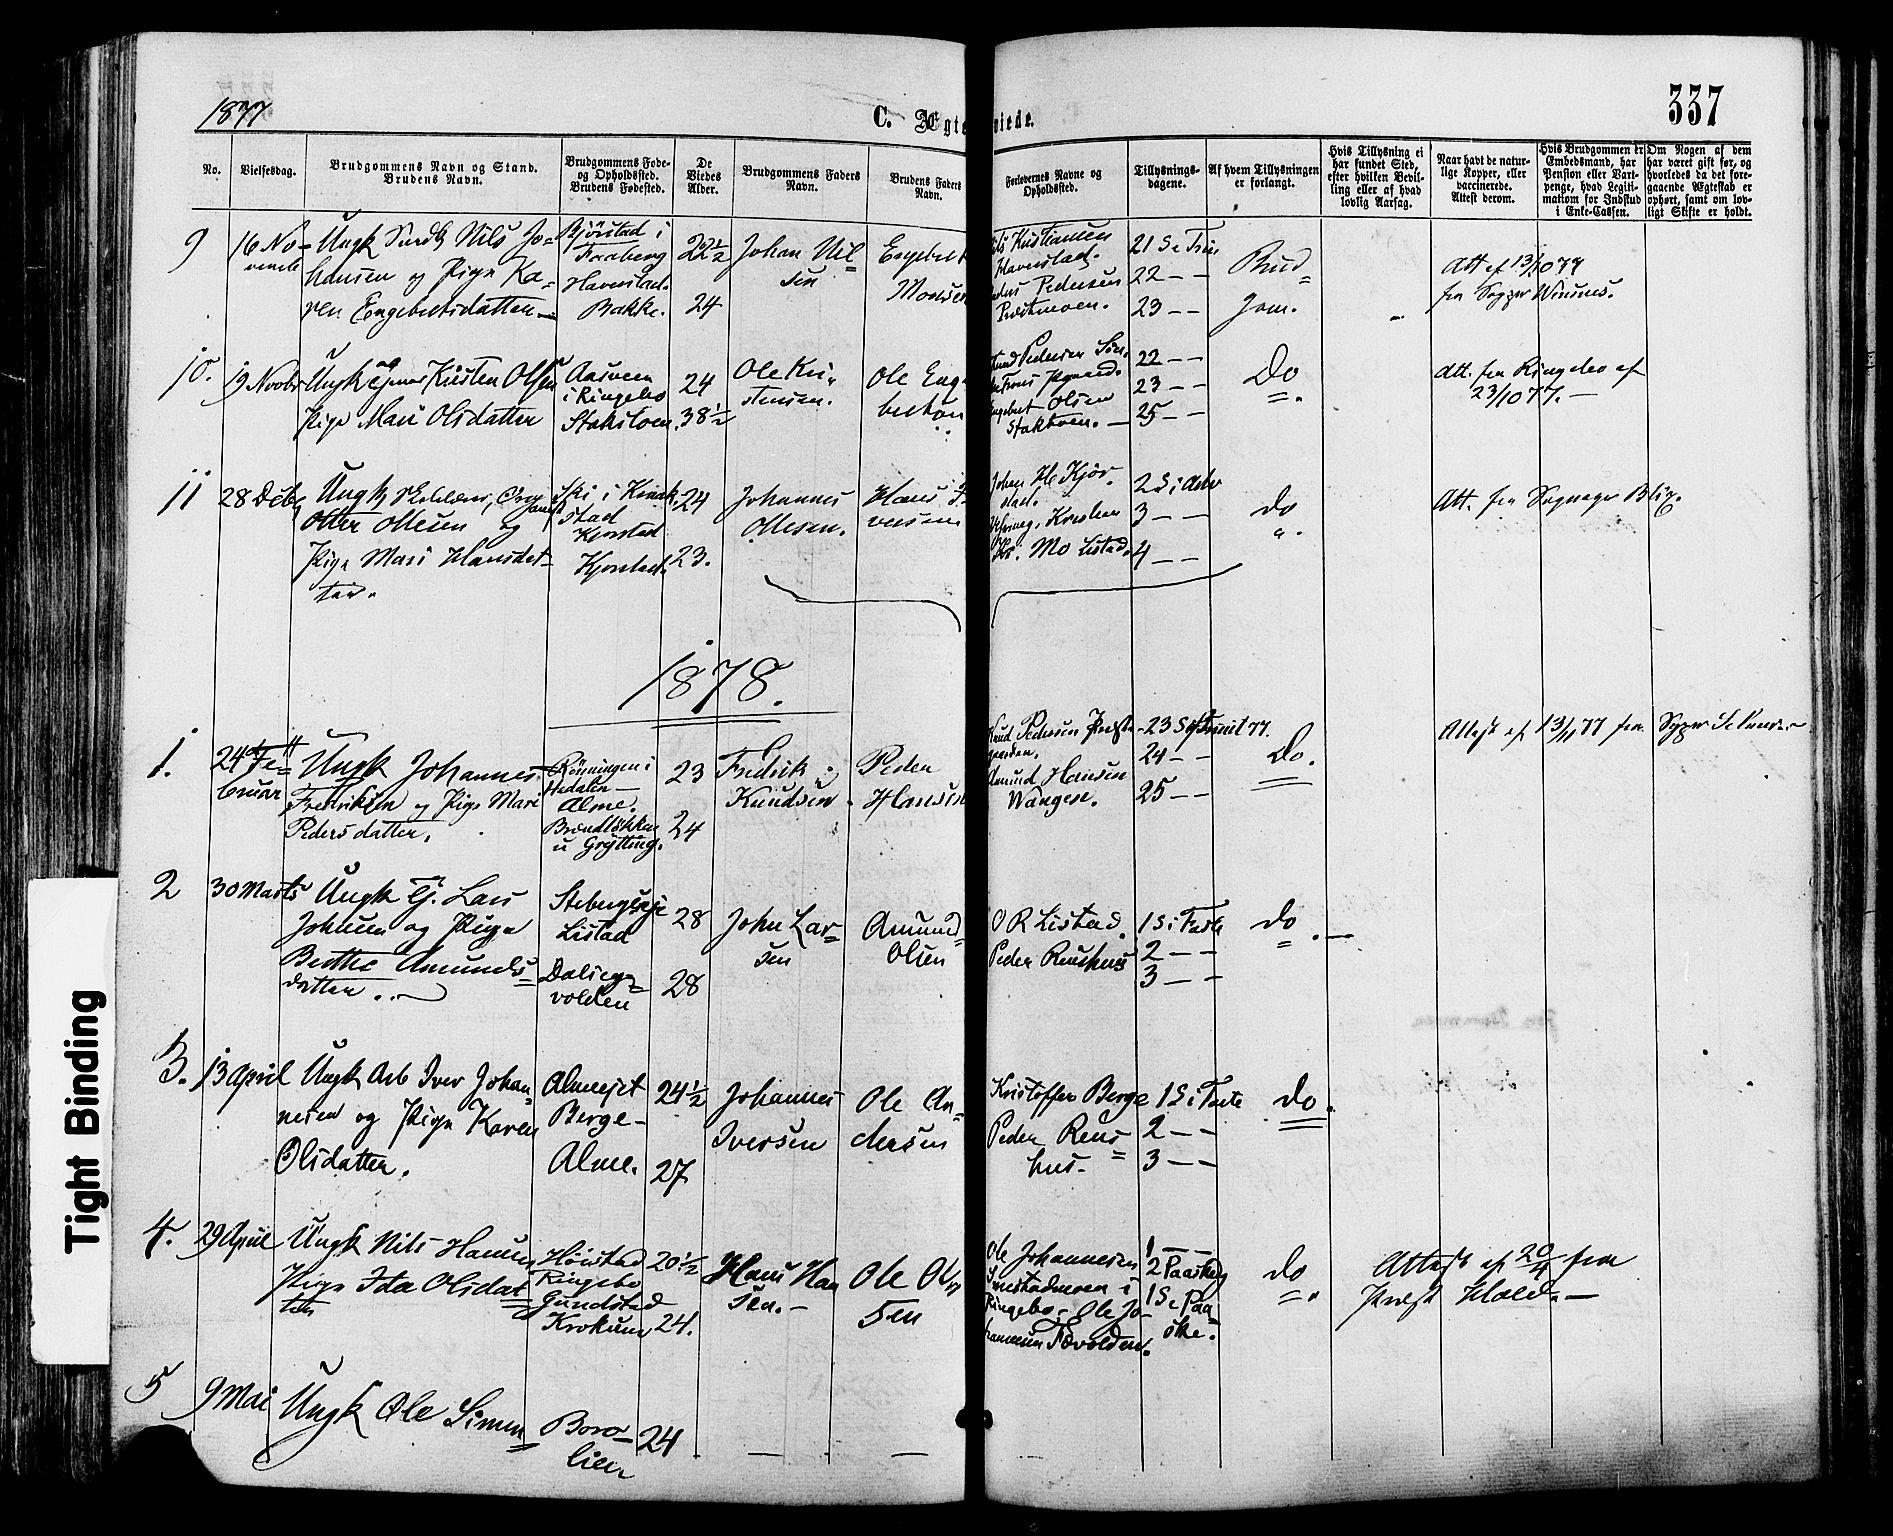 SAH, Sør-Fron prestekontor, H/Ha/Haa/L0002: Ministerialbok nr. 2, 1864-1880, s. 337